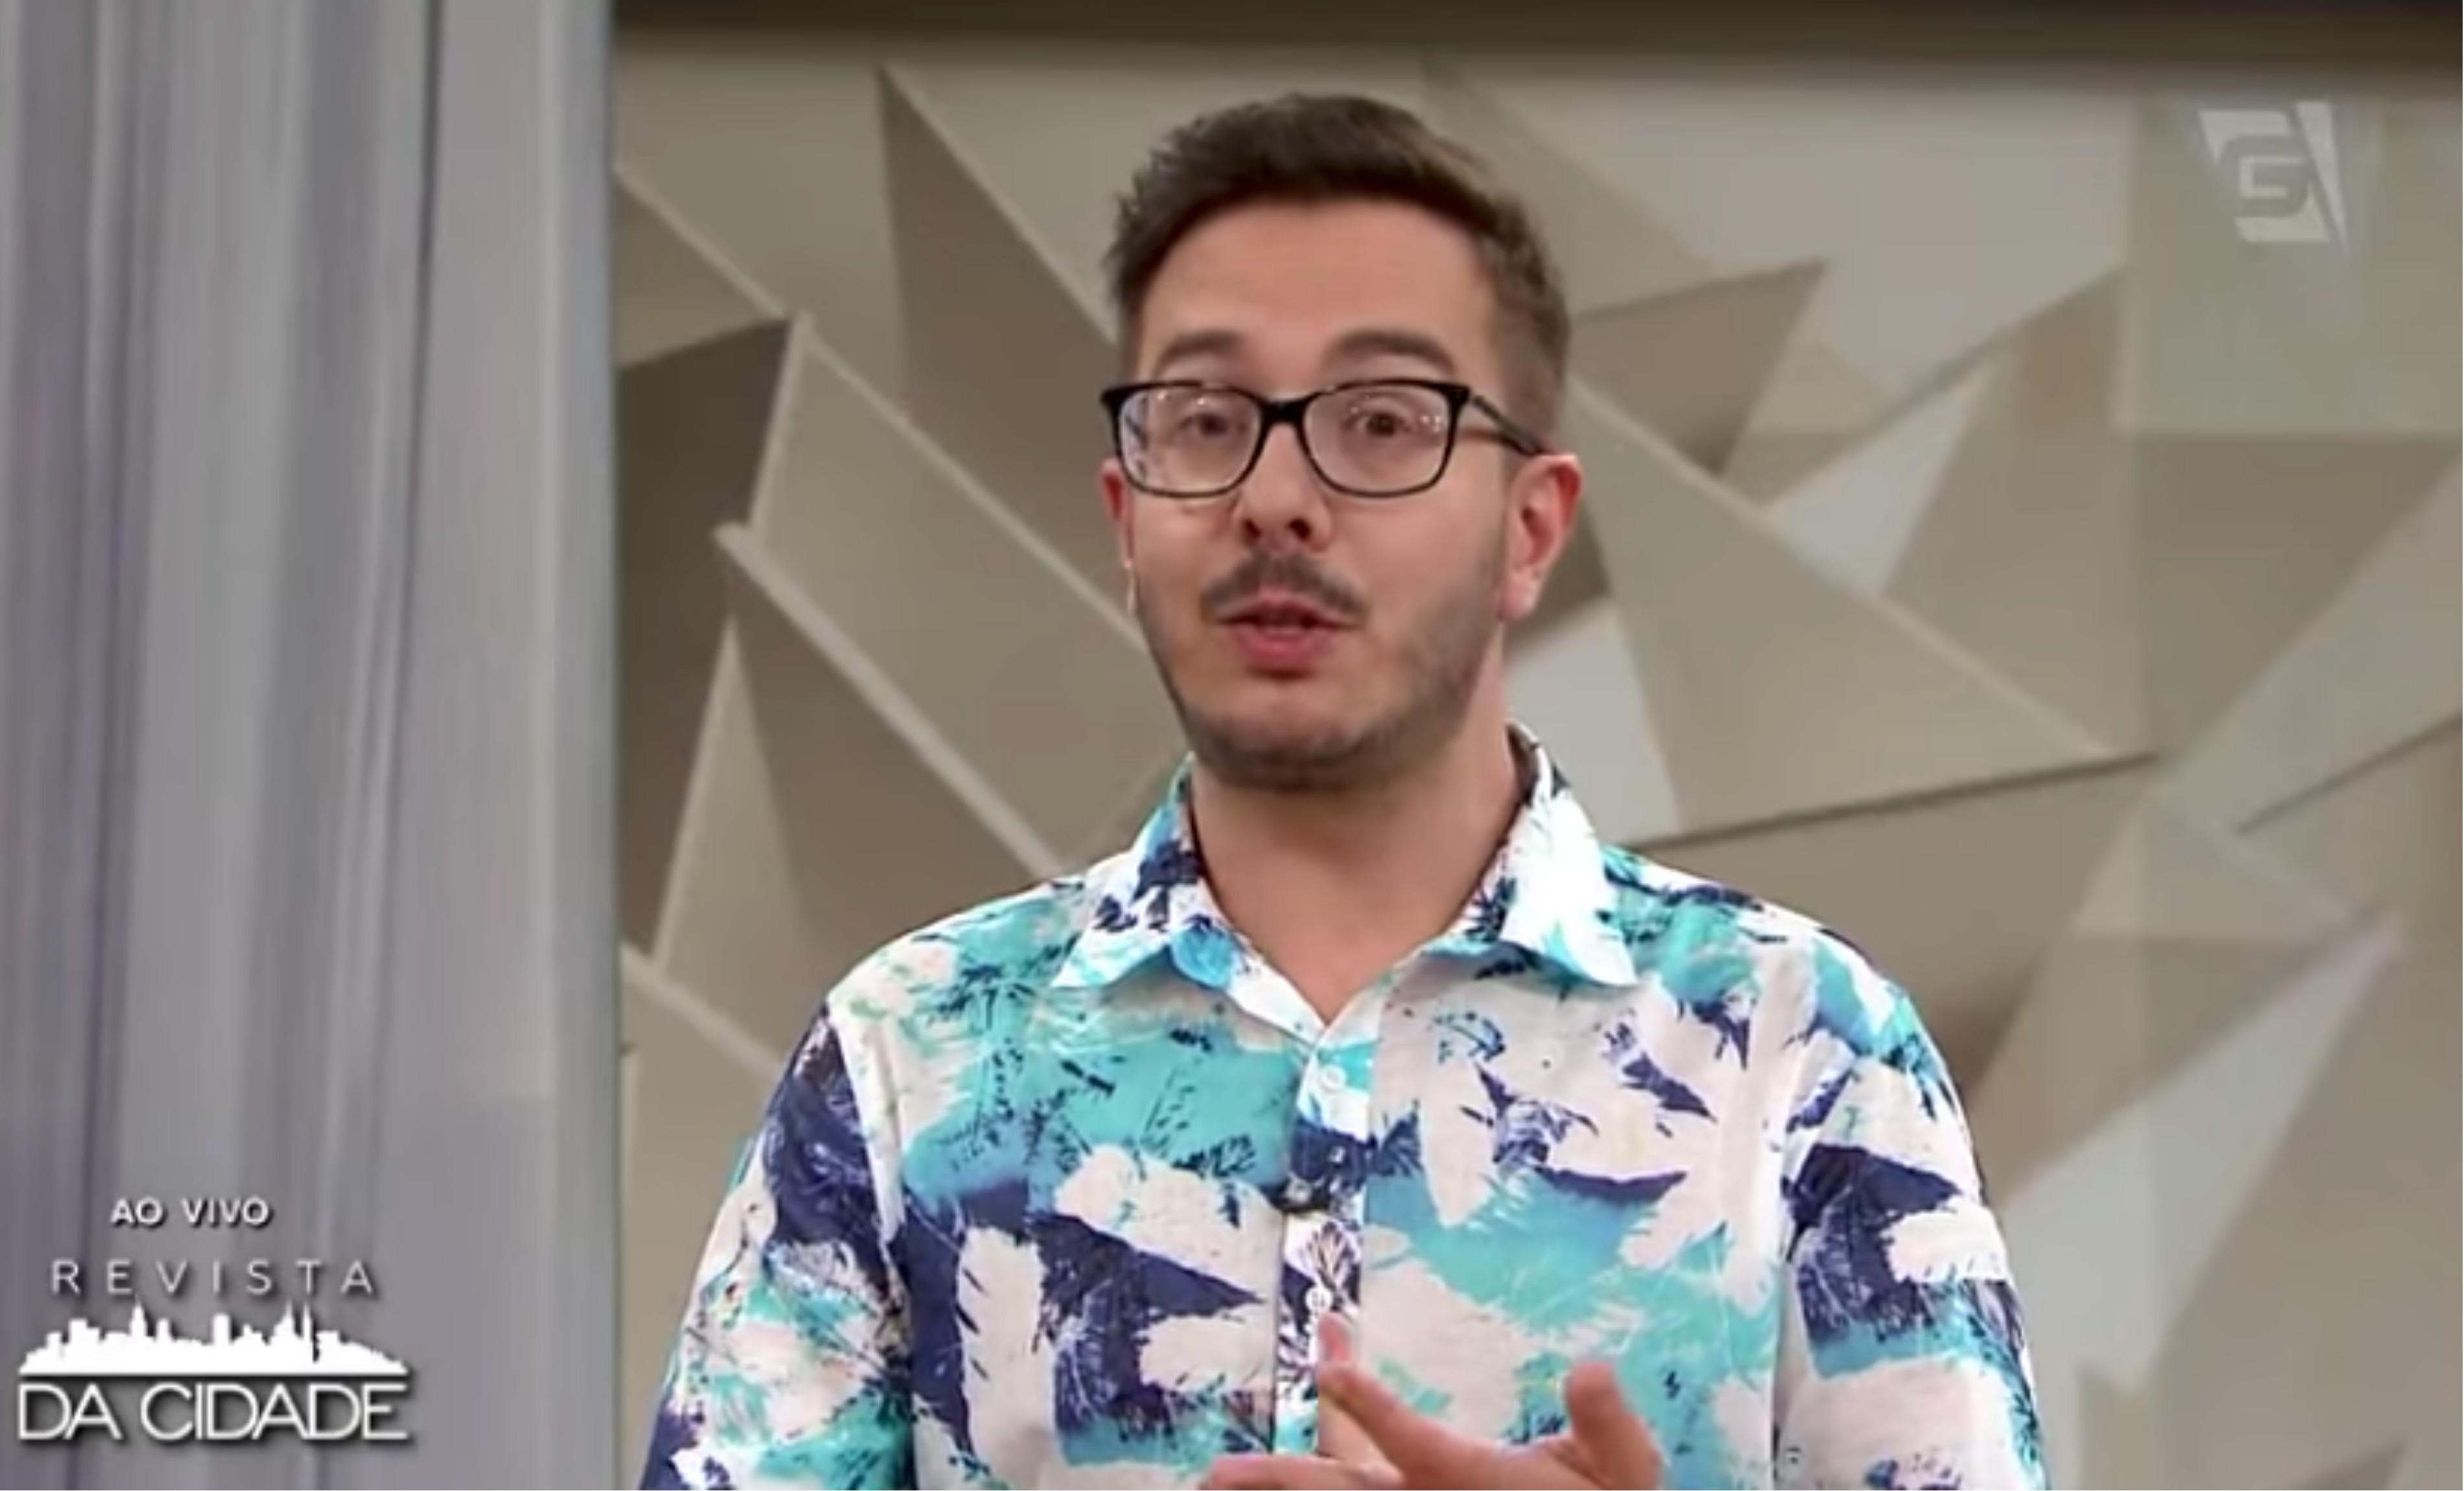 Responsável por uma das maiores audiências na Gazeta, André Mantovanni pede demissão da emissora (Foto reprodução)